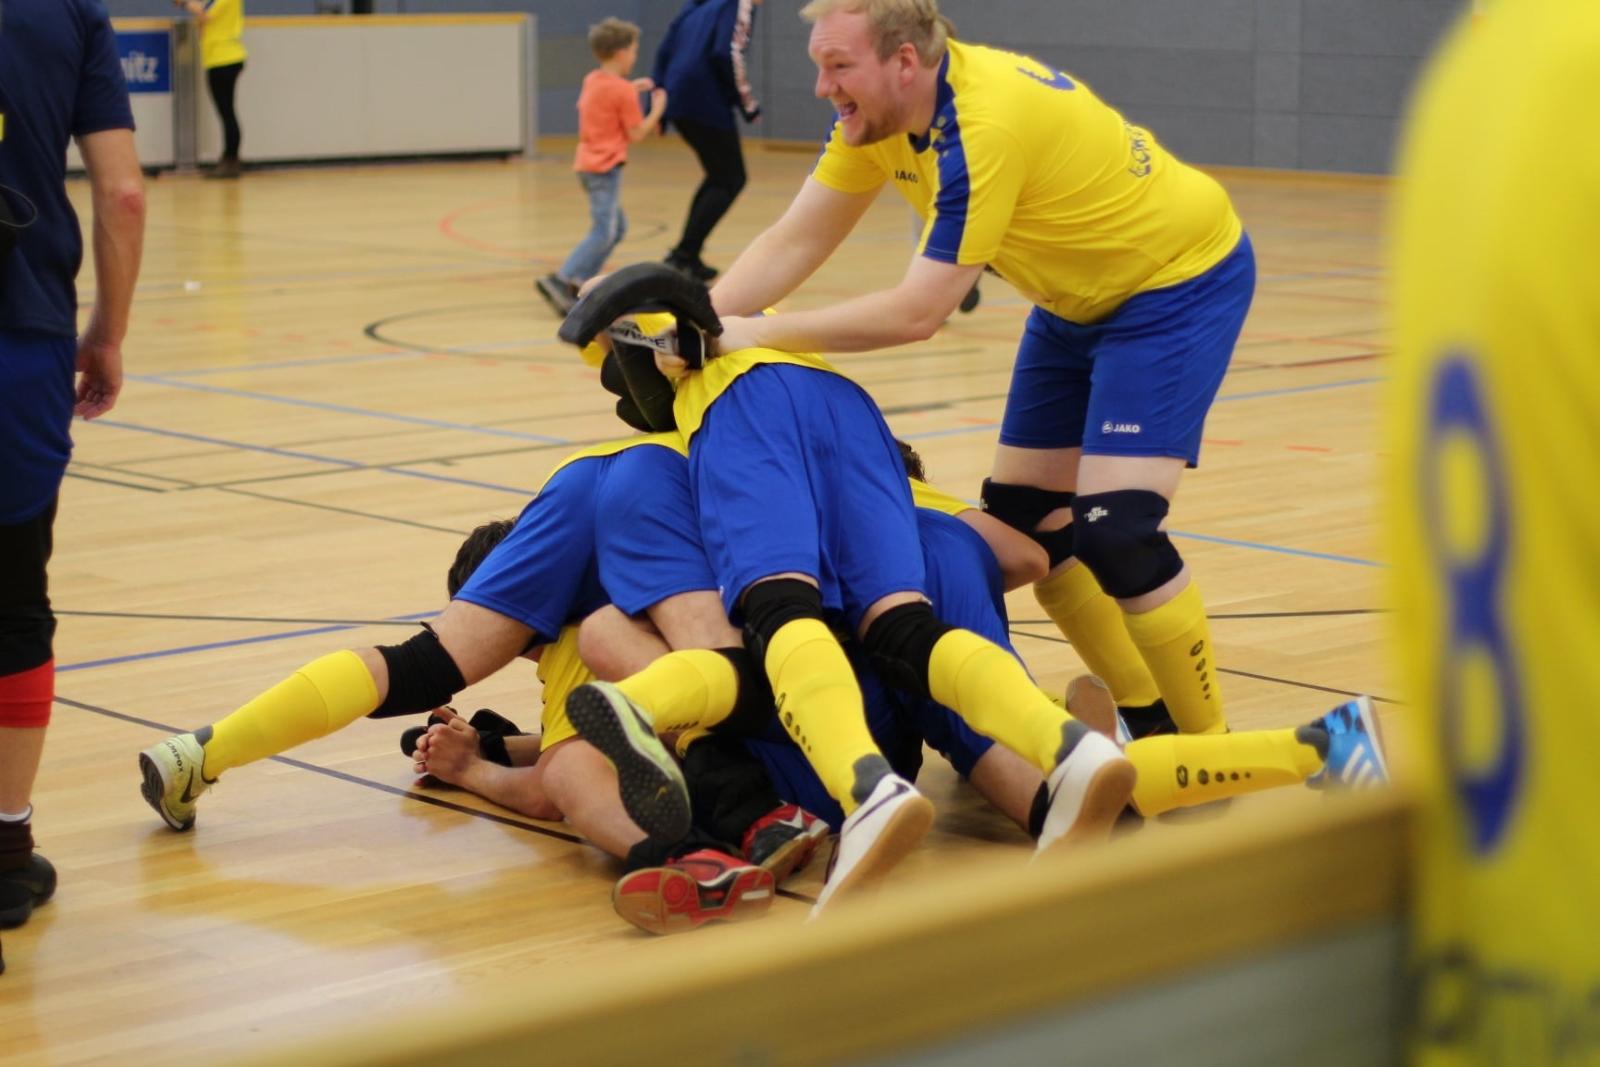 Mikel Preul jubelt neben seinen auf dem Boden liegenden Mannschaftskollegen über den Turniersieg.